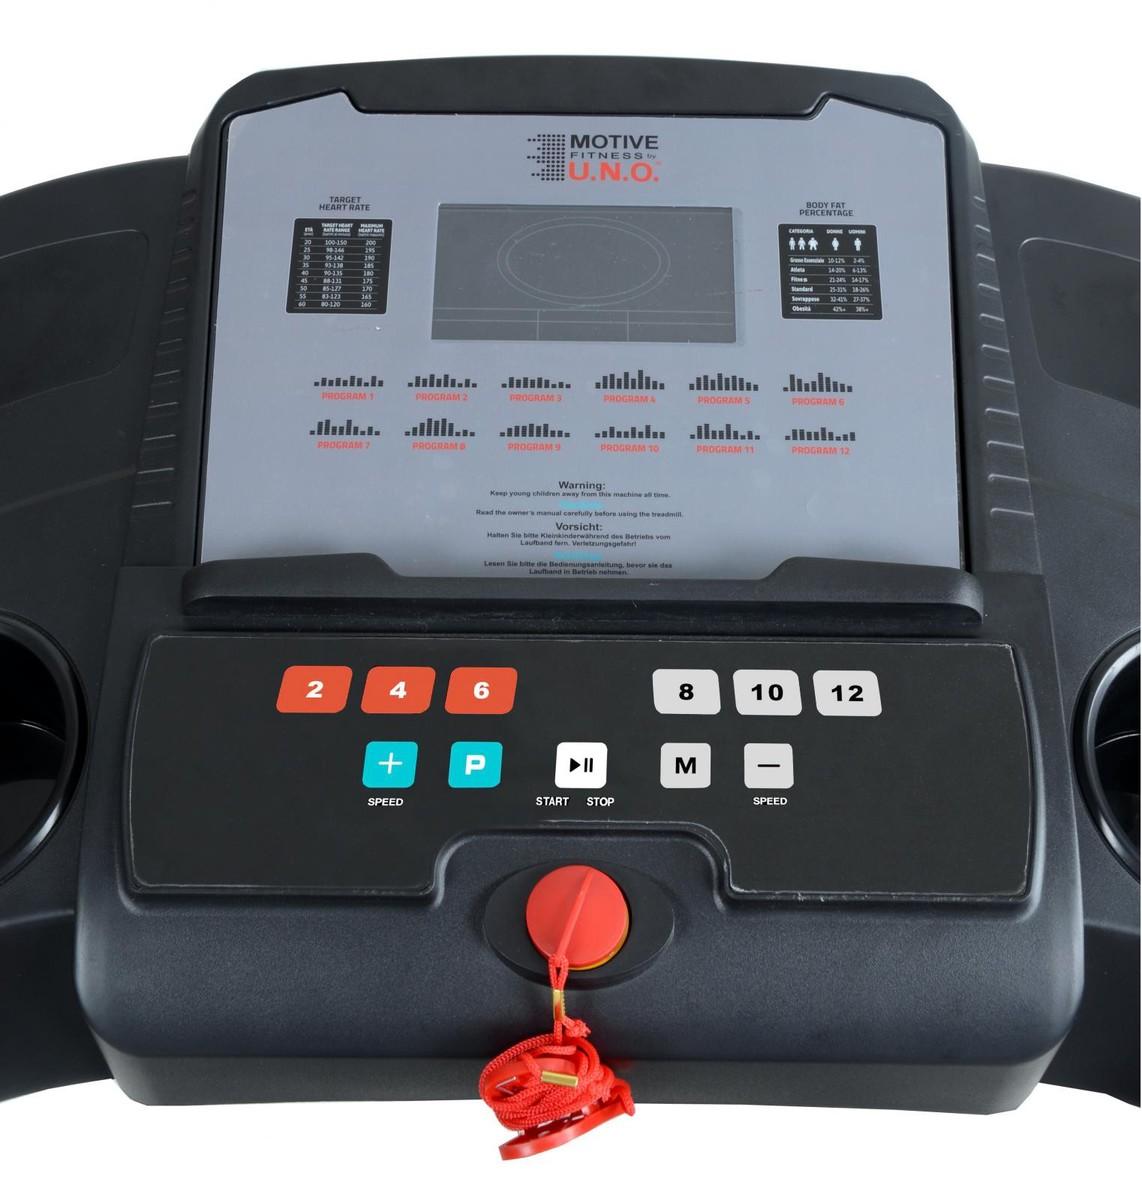 Bild 3 von MOTIVE Fitness by U.N.O. Laufband Speed Master 1.8M